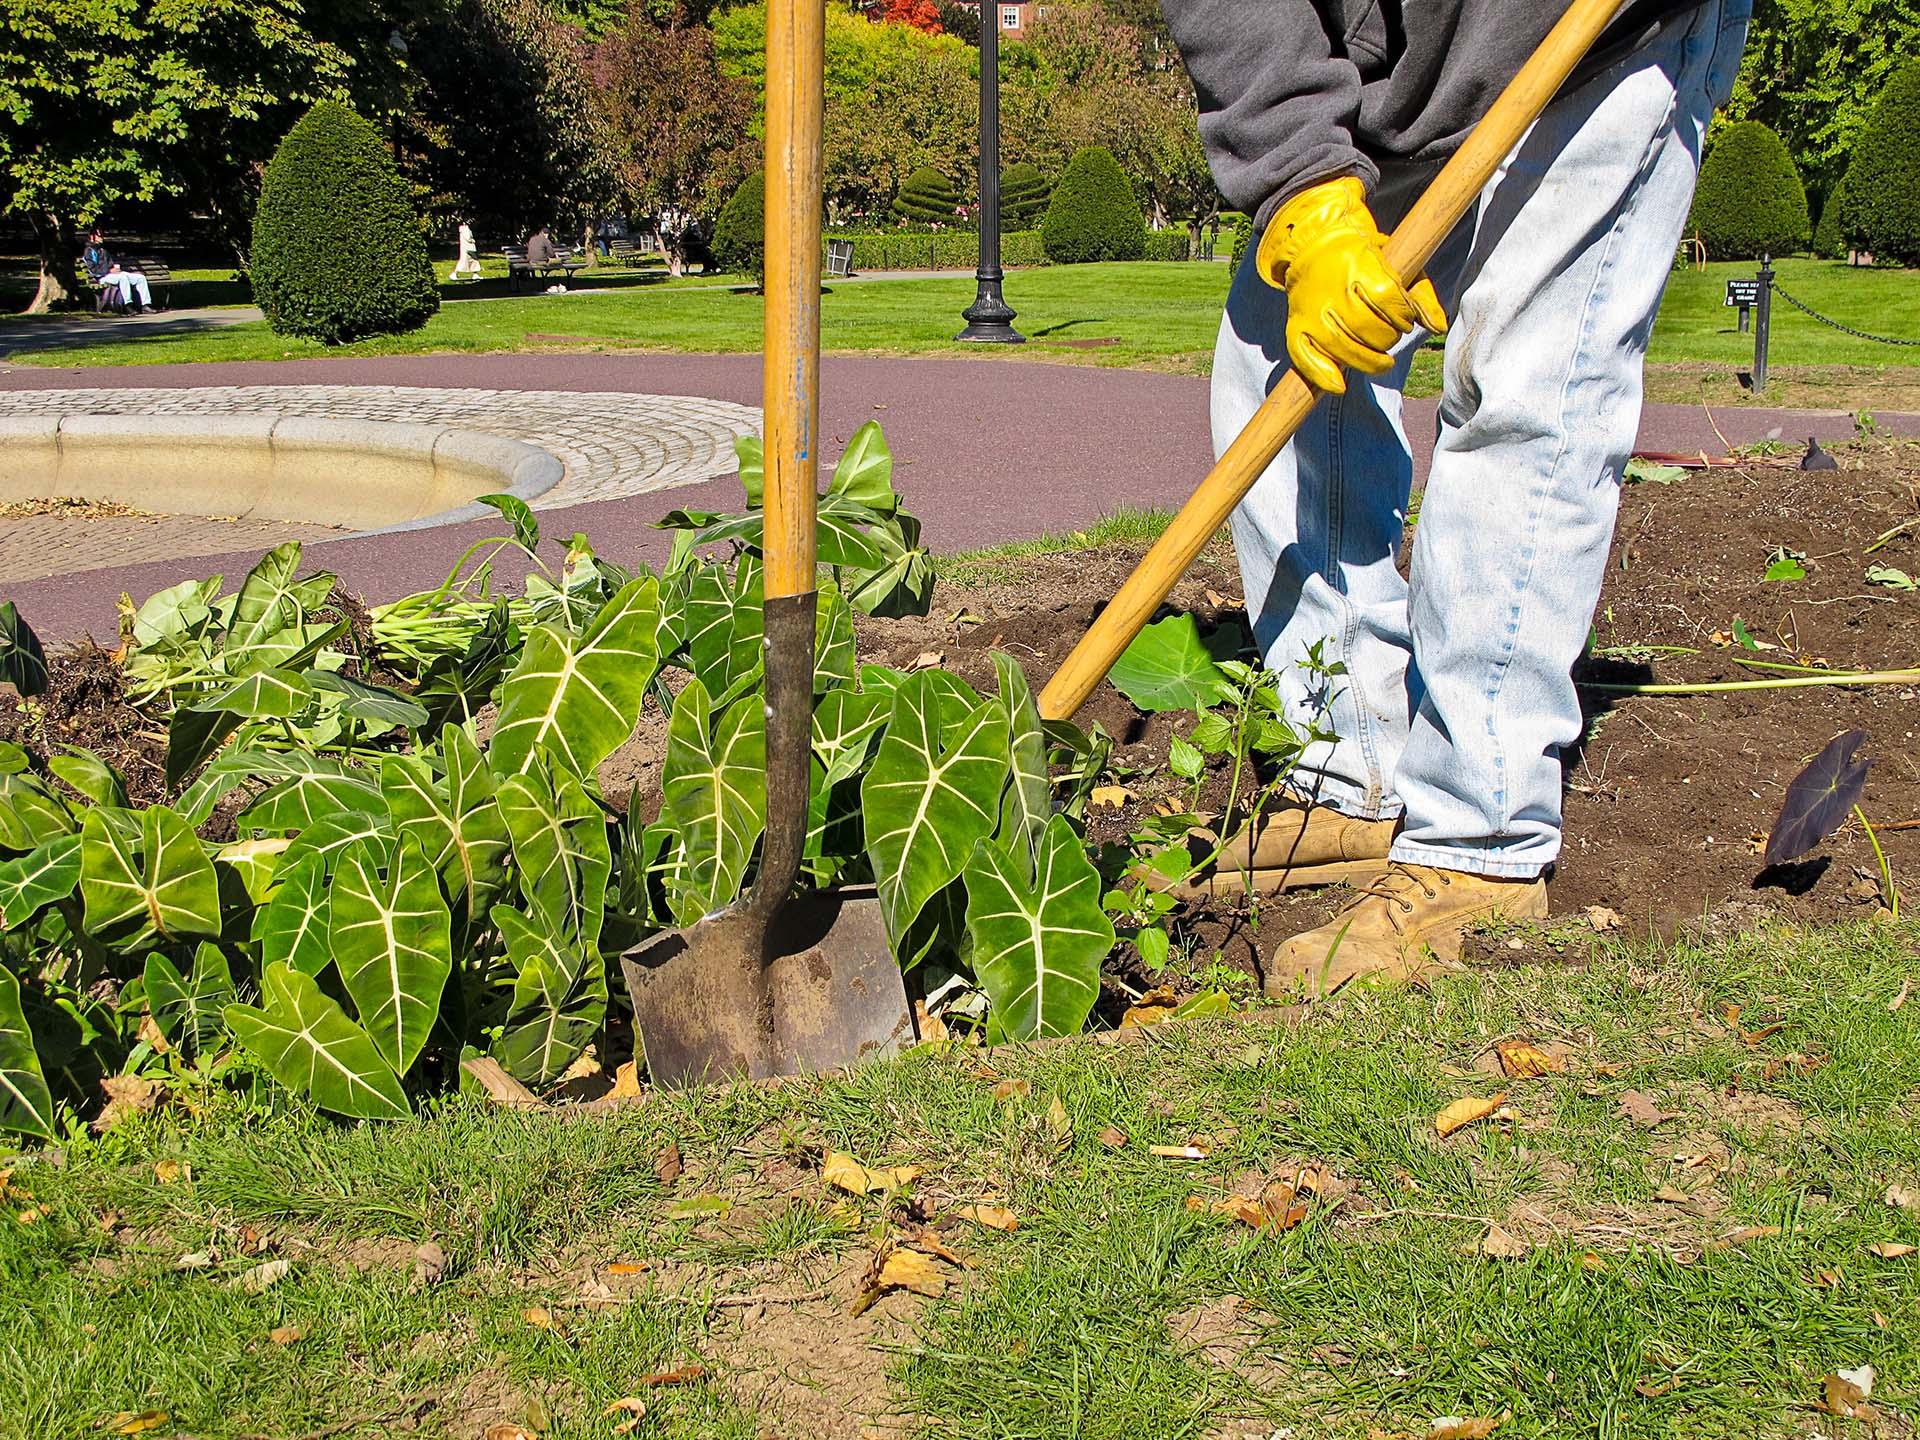 Accueil belarbre service jardinier paysagiste for Conseil de jardinier